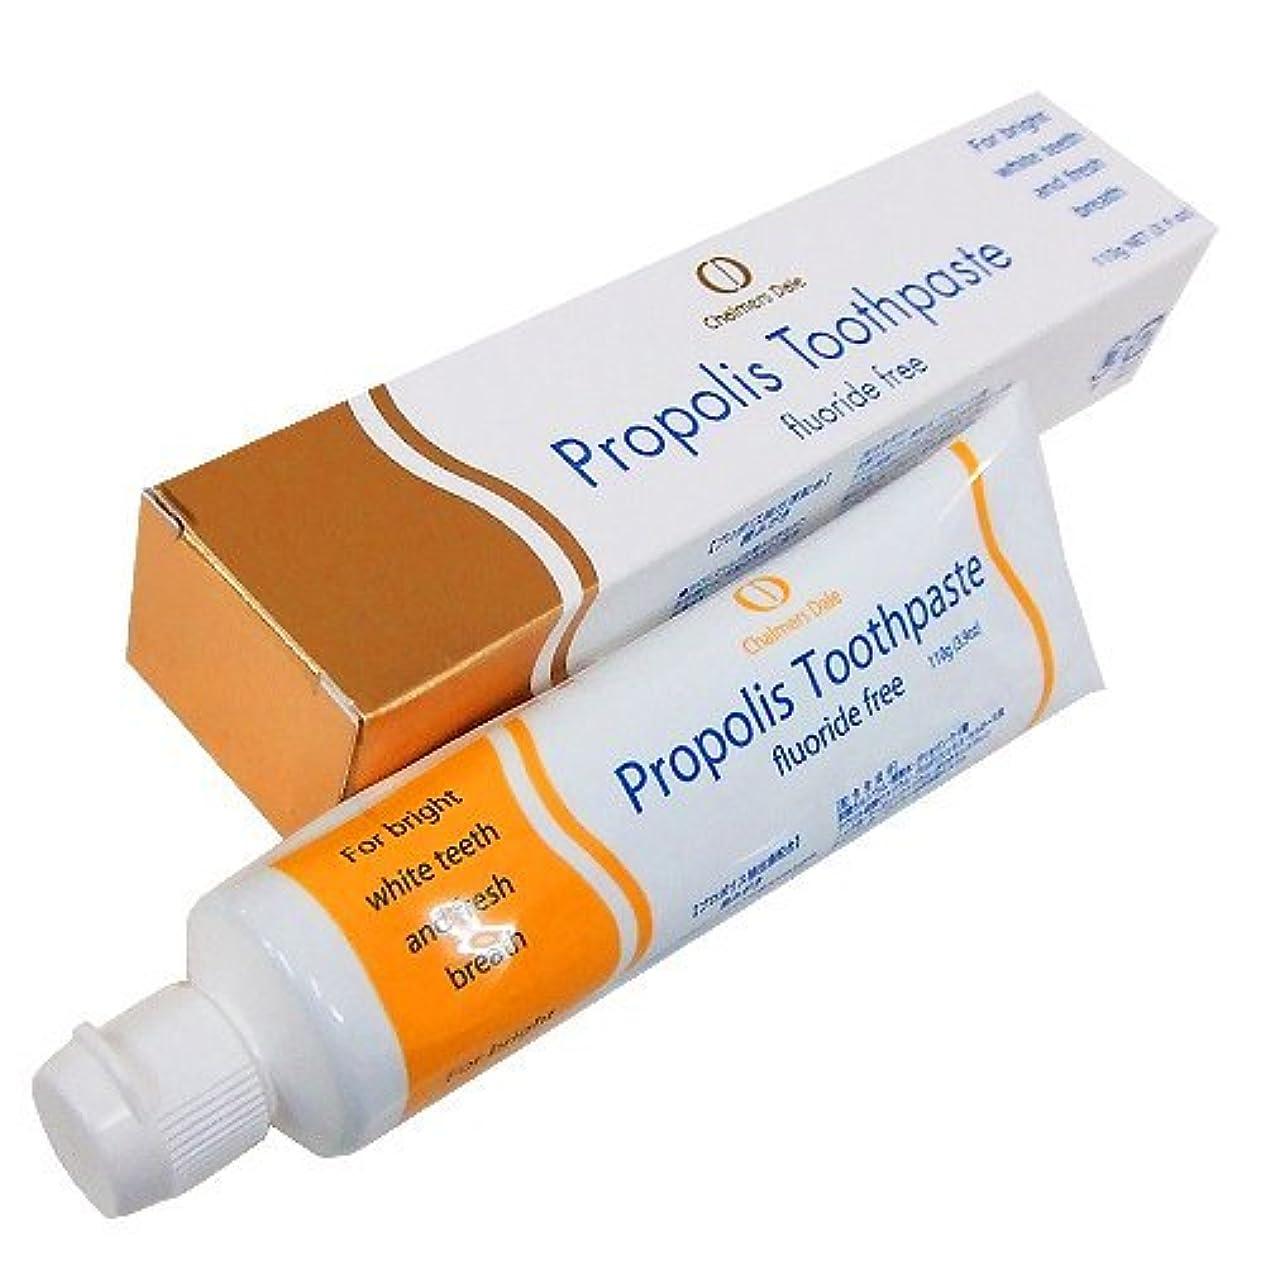 中性締め切り膨らみプロポリス歯磨き 110g フッ素は配合していません